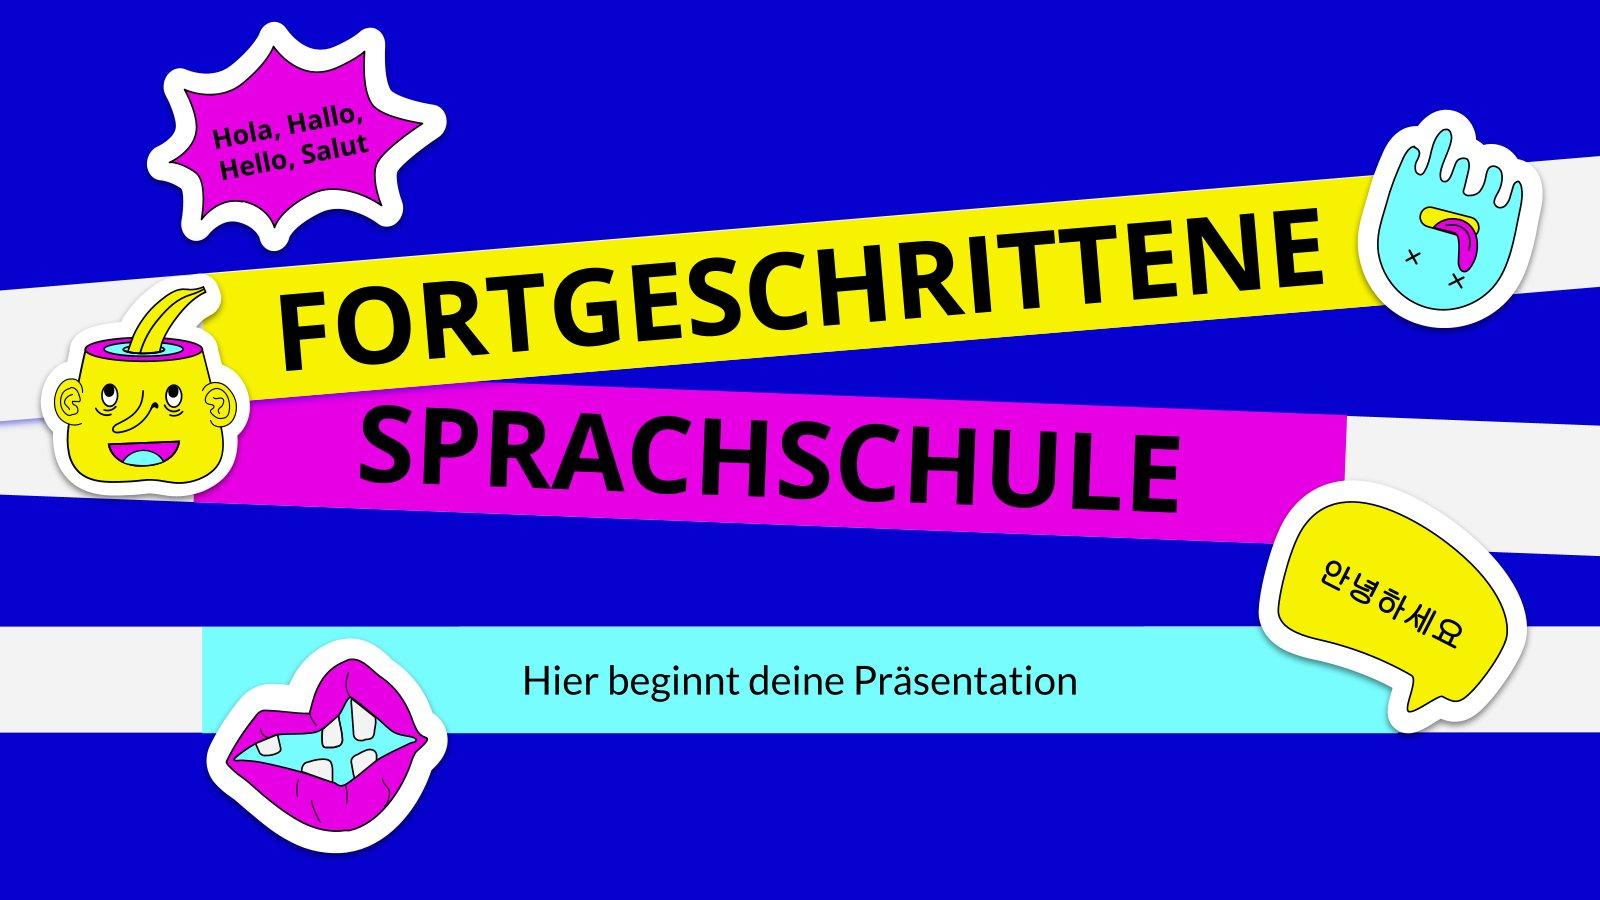 Fortgeschrittene Sprachschule : Modèles de présentation